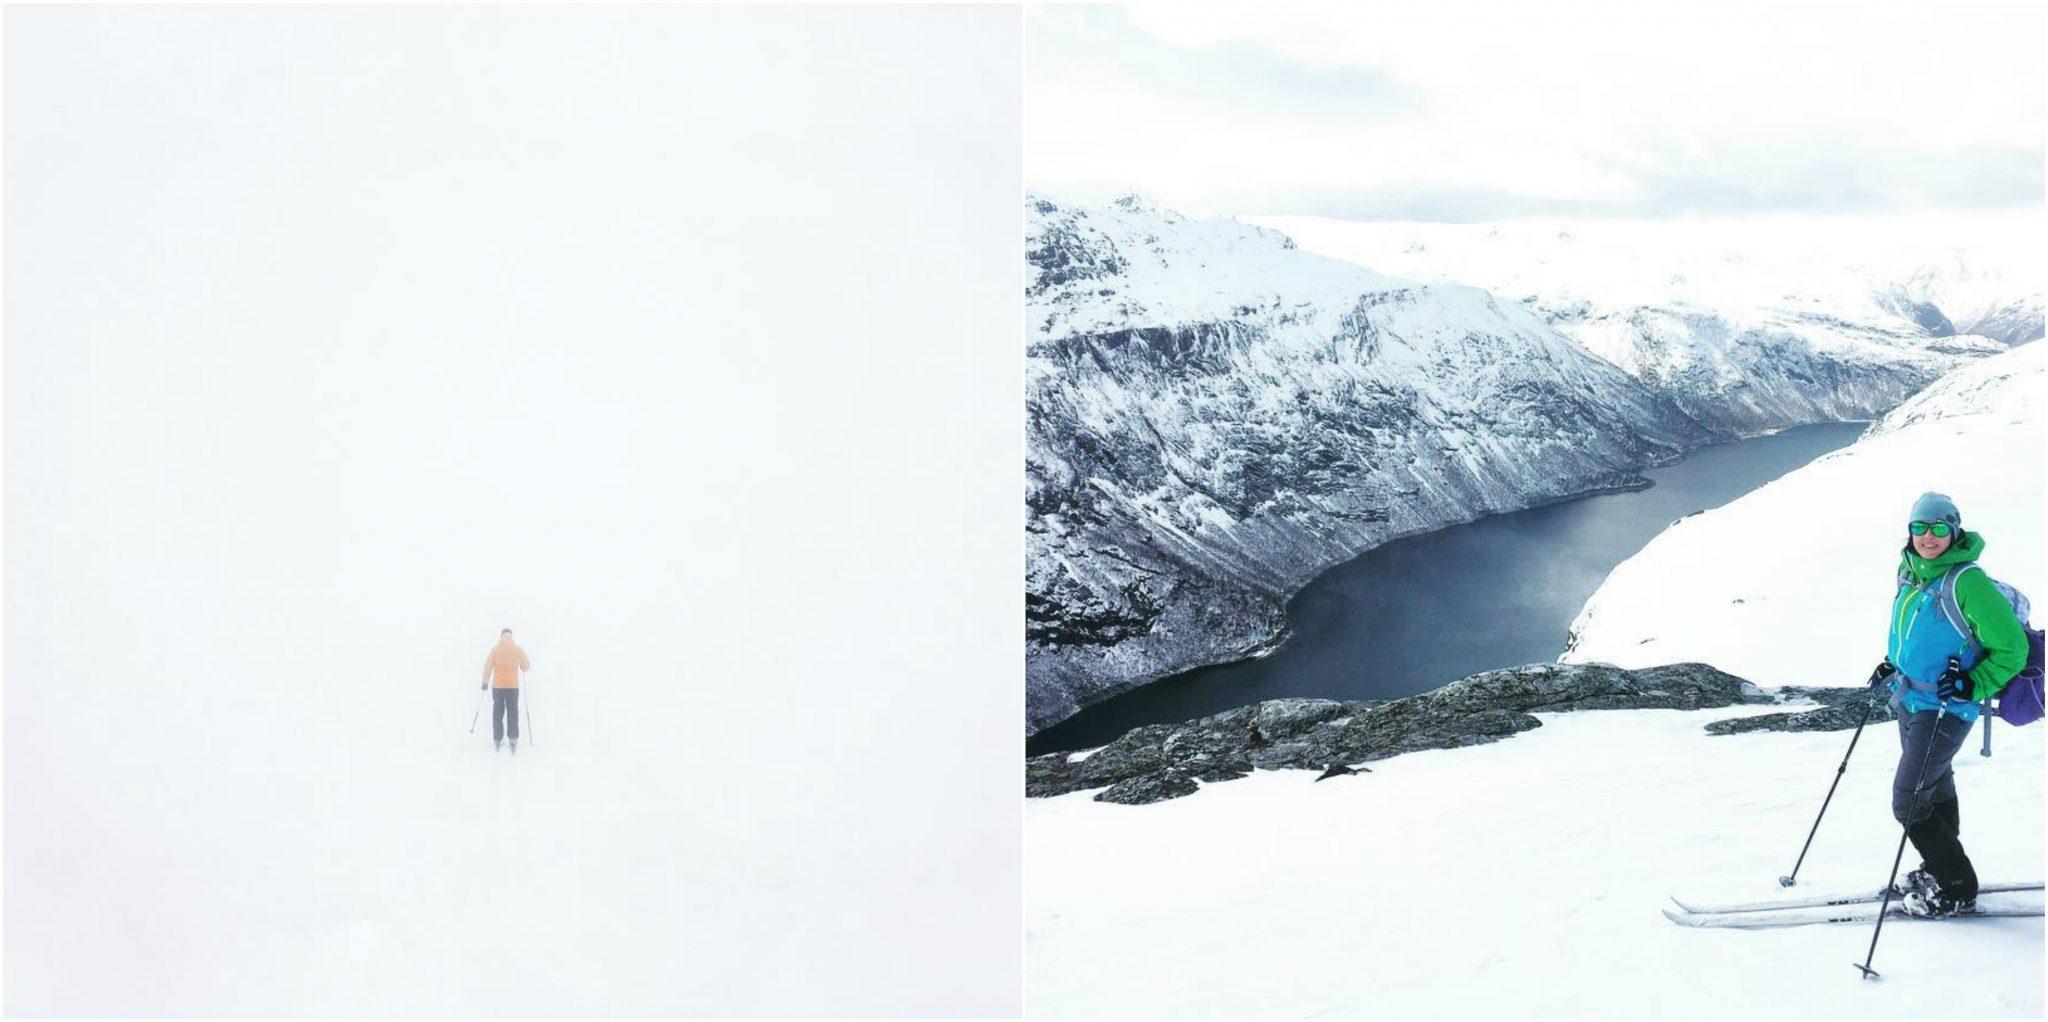 Hiihtämään Norjaan / Satu VW / Satumilla-blogi